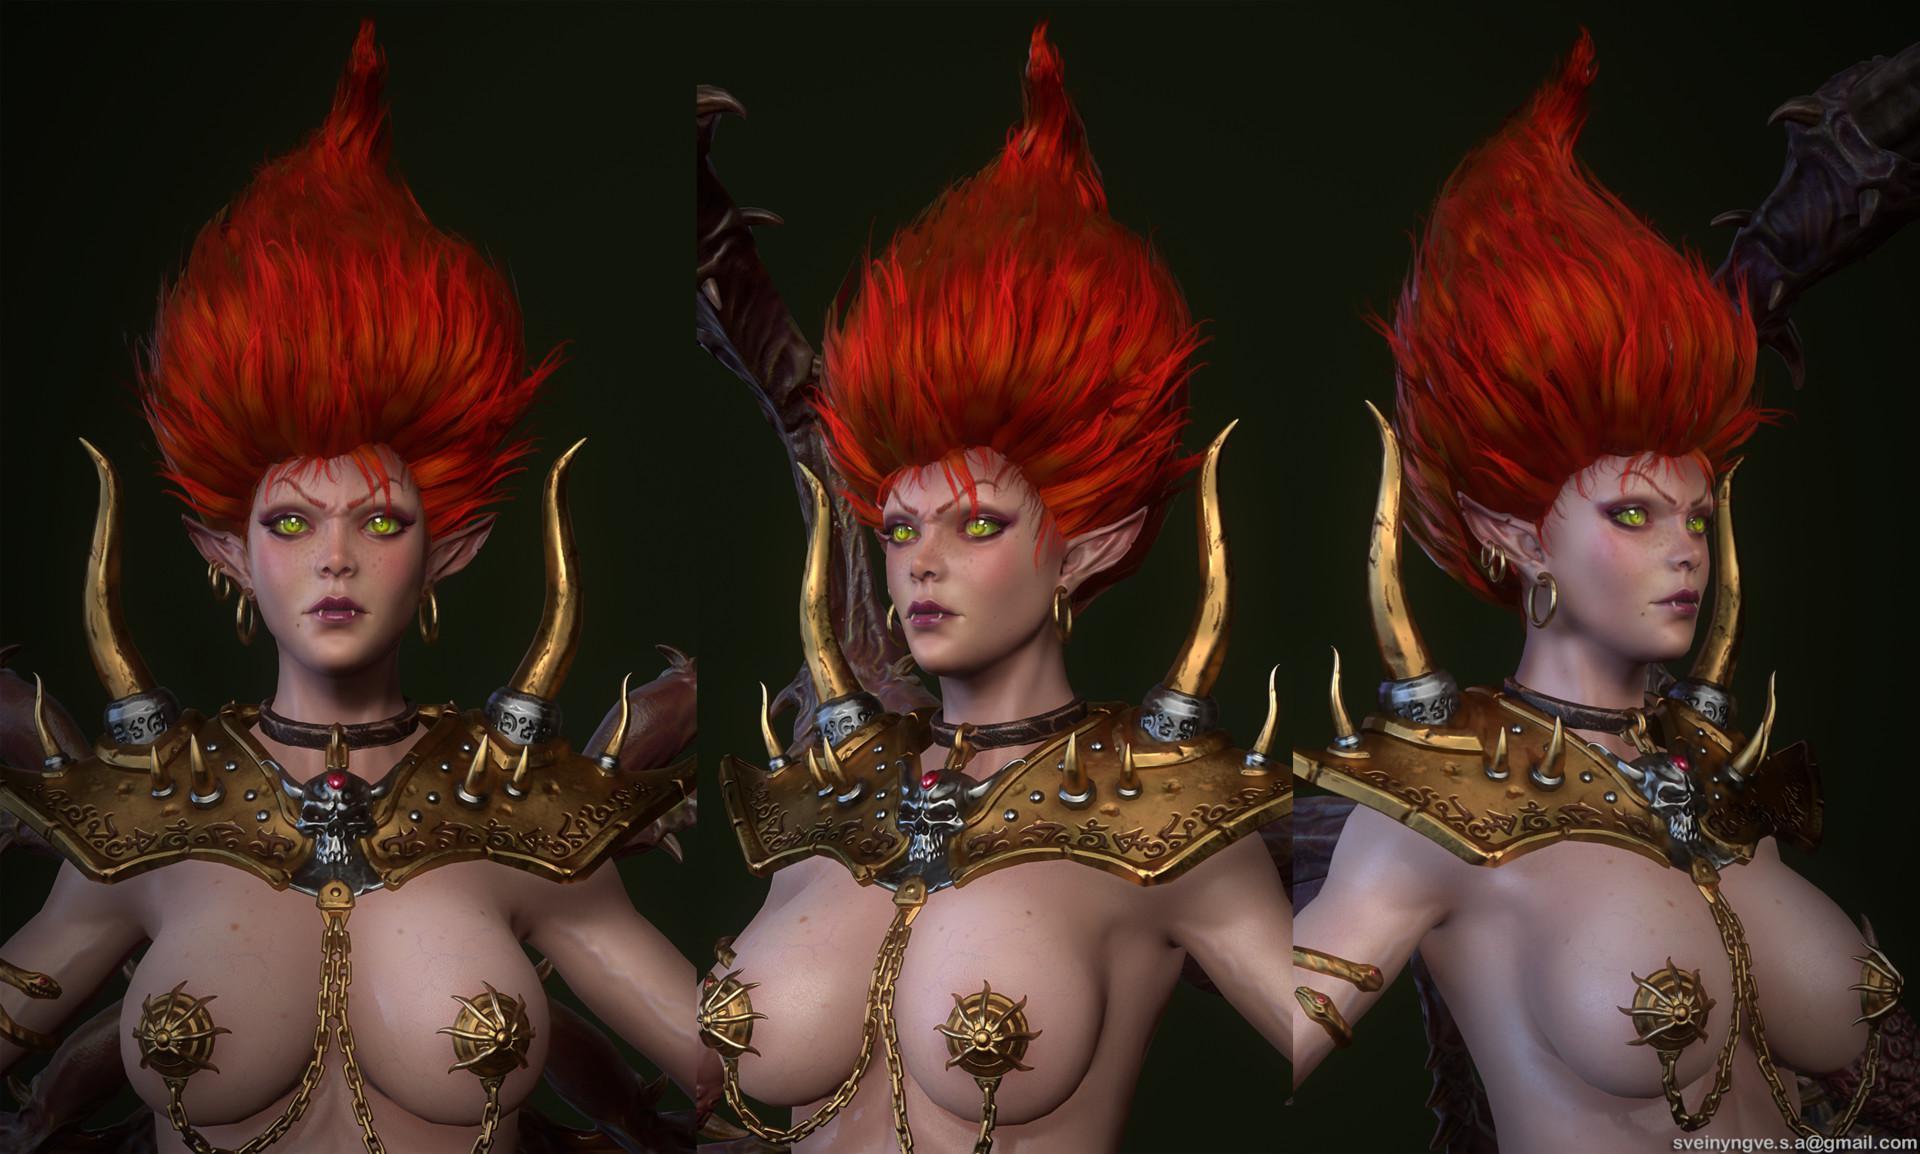 《暗黑II》角色设计师:安达利尔最初并非是裸体的